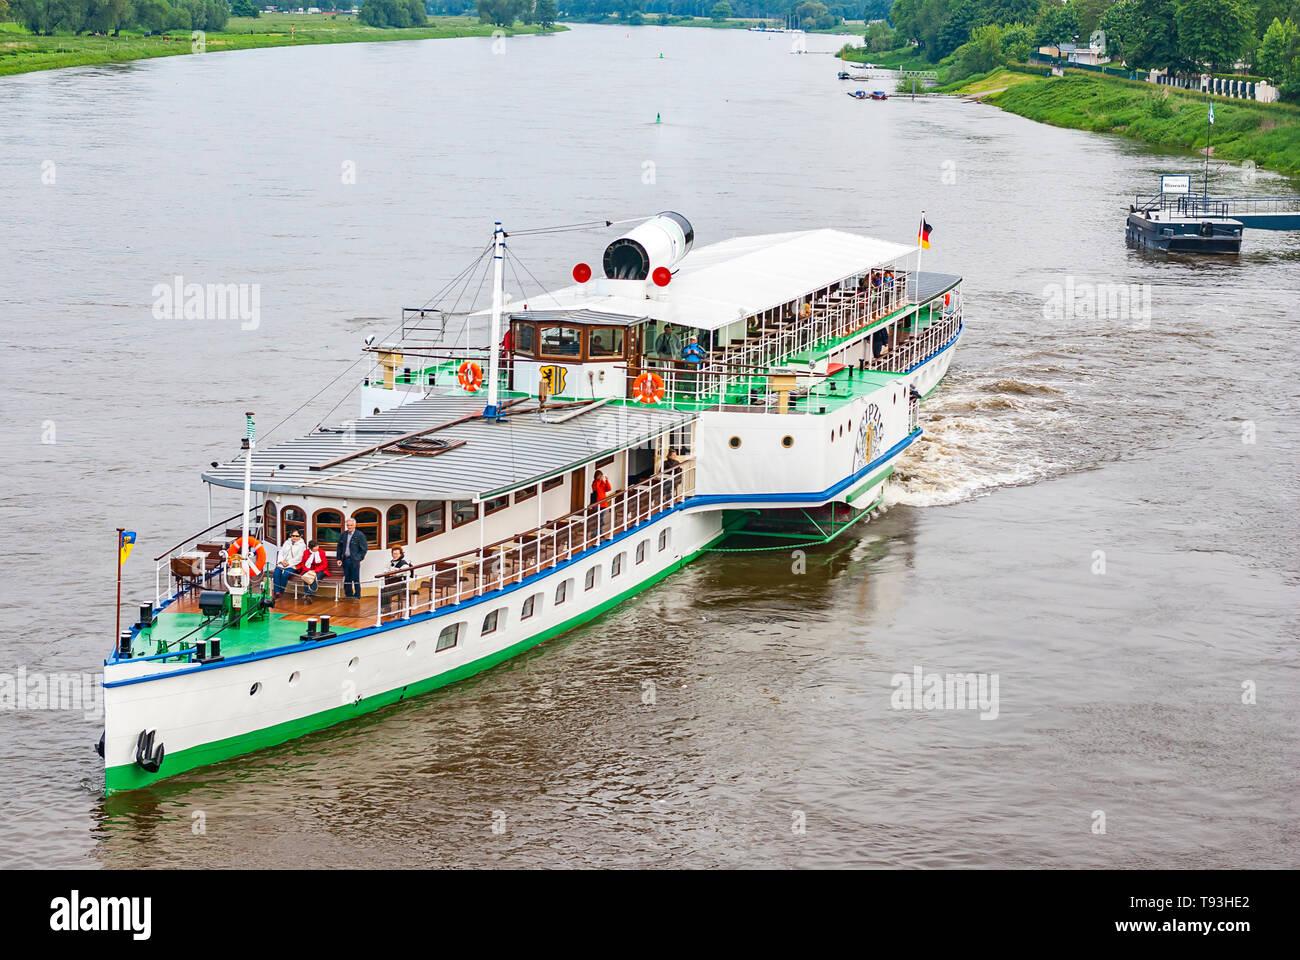 Der Steamboat LEIPZIG ist von der Anlegestelle im Stadtteil Blasewitz in Dresden, Sachsen, Deutschland und Europa abfliegen. Stockfoto